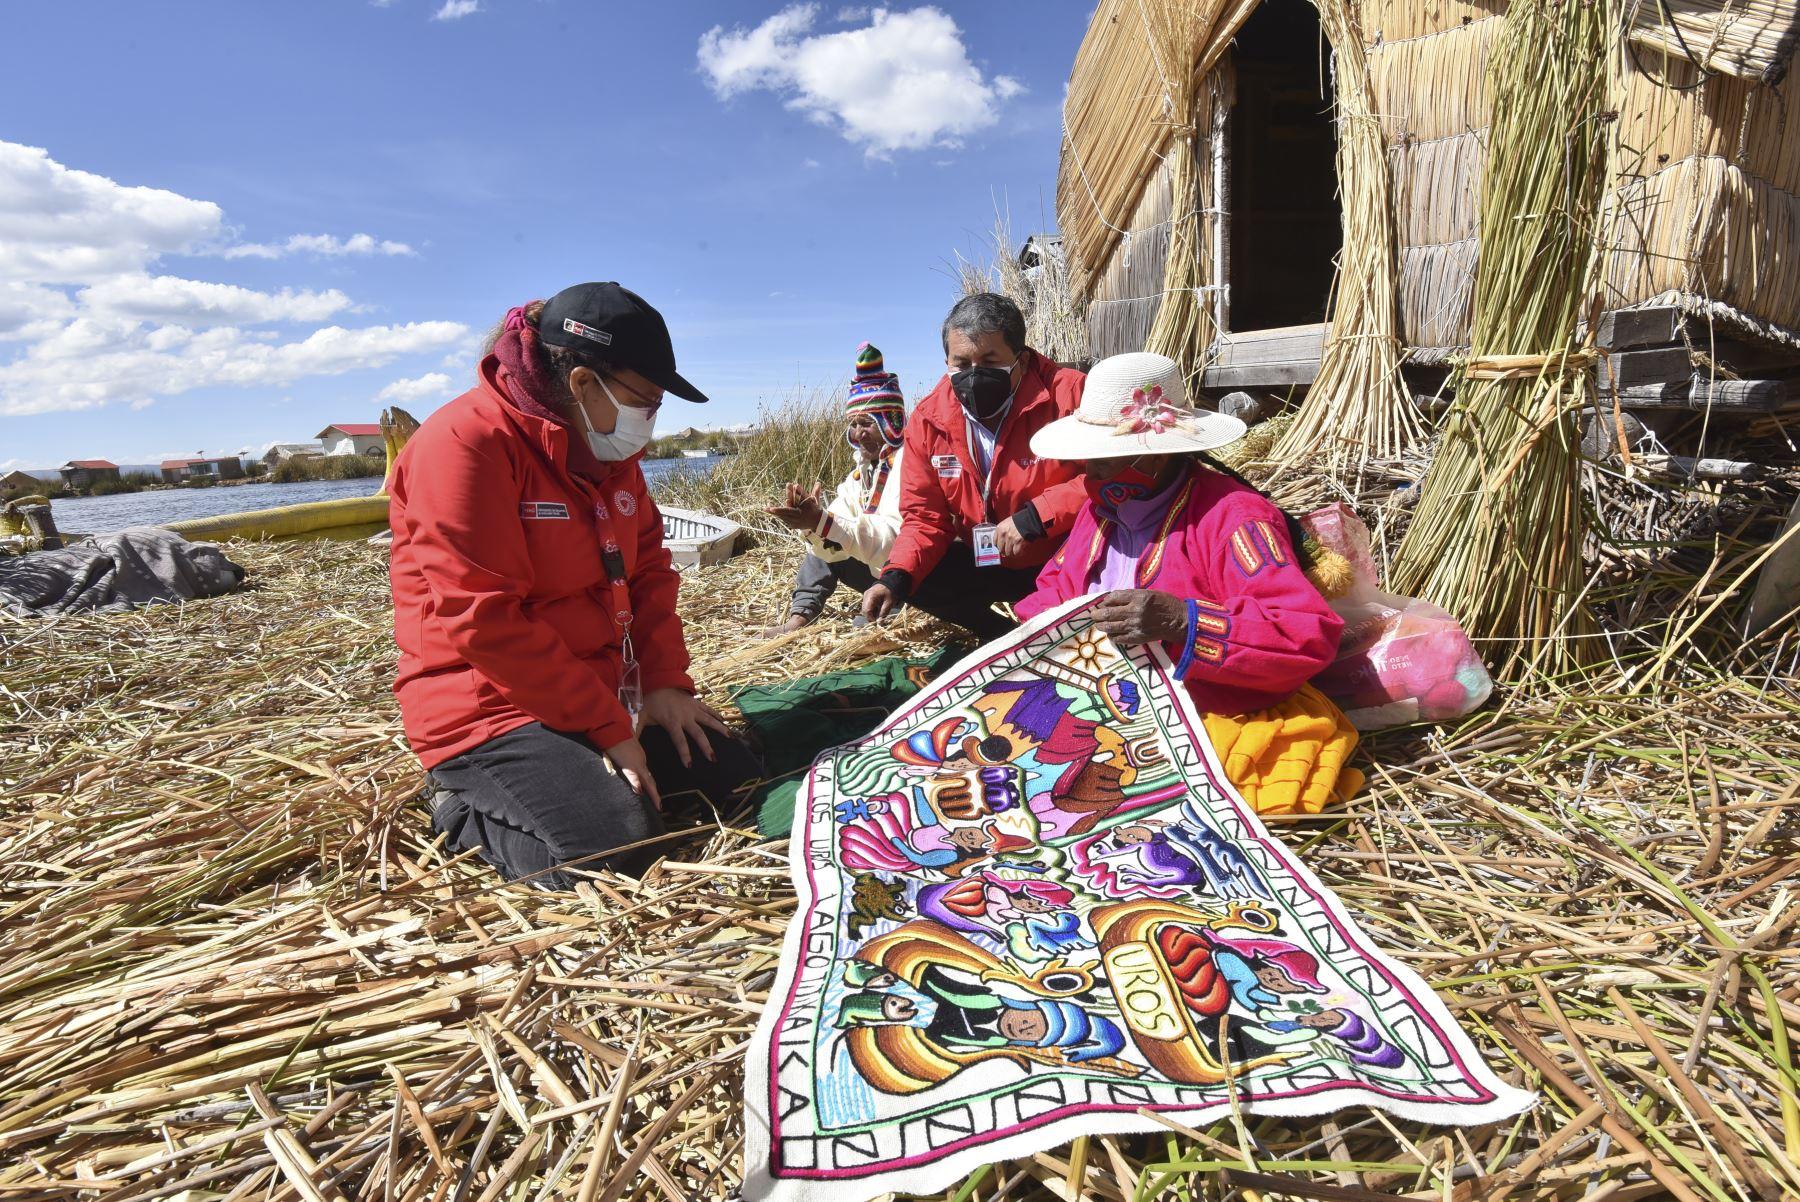 La PIAS Lago Titicaca I, gestionada por el MIDIS, a través del Programa Nacional PAIS, zarpó de Puno con un primer lote de medio millar de vacunas contra el COVID – 19 del laboratorio AstraZeneca, las cuales serán entregadas en los establecimientos de salud de Taquile y Amantaní y posteriormente aplicadas a adultos mayores y personas de riesgo de las islas. La ministra Silvana Vargas participó en la actividad. Foto: ANDINA/MIDIS